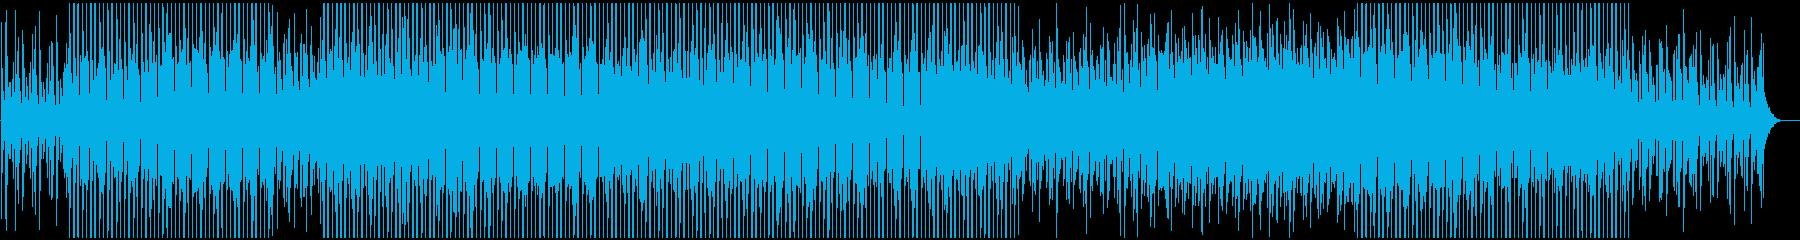 おしゃれで奇妙で軽やかなアシッドハウスの再生済みの波形